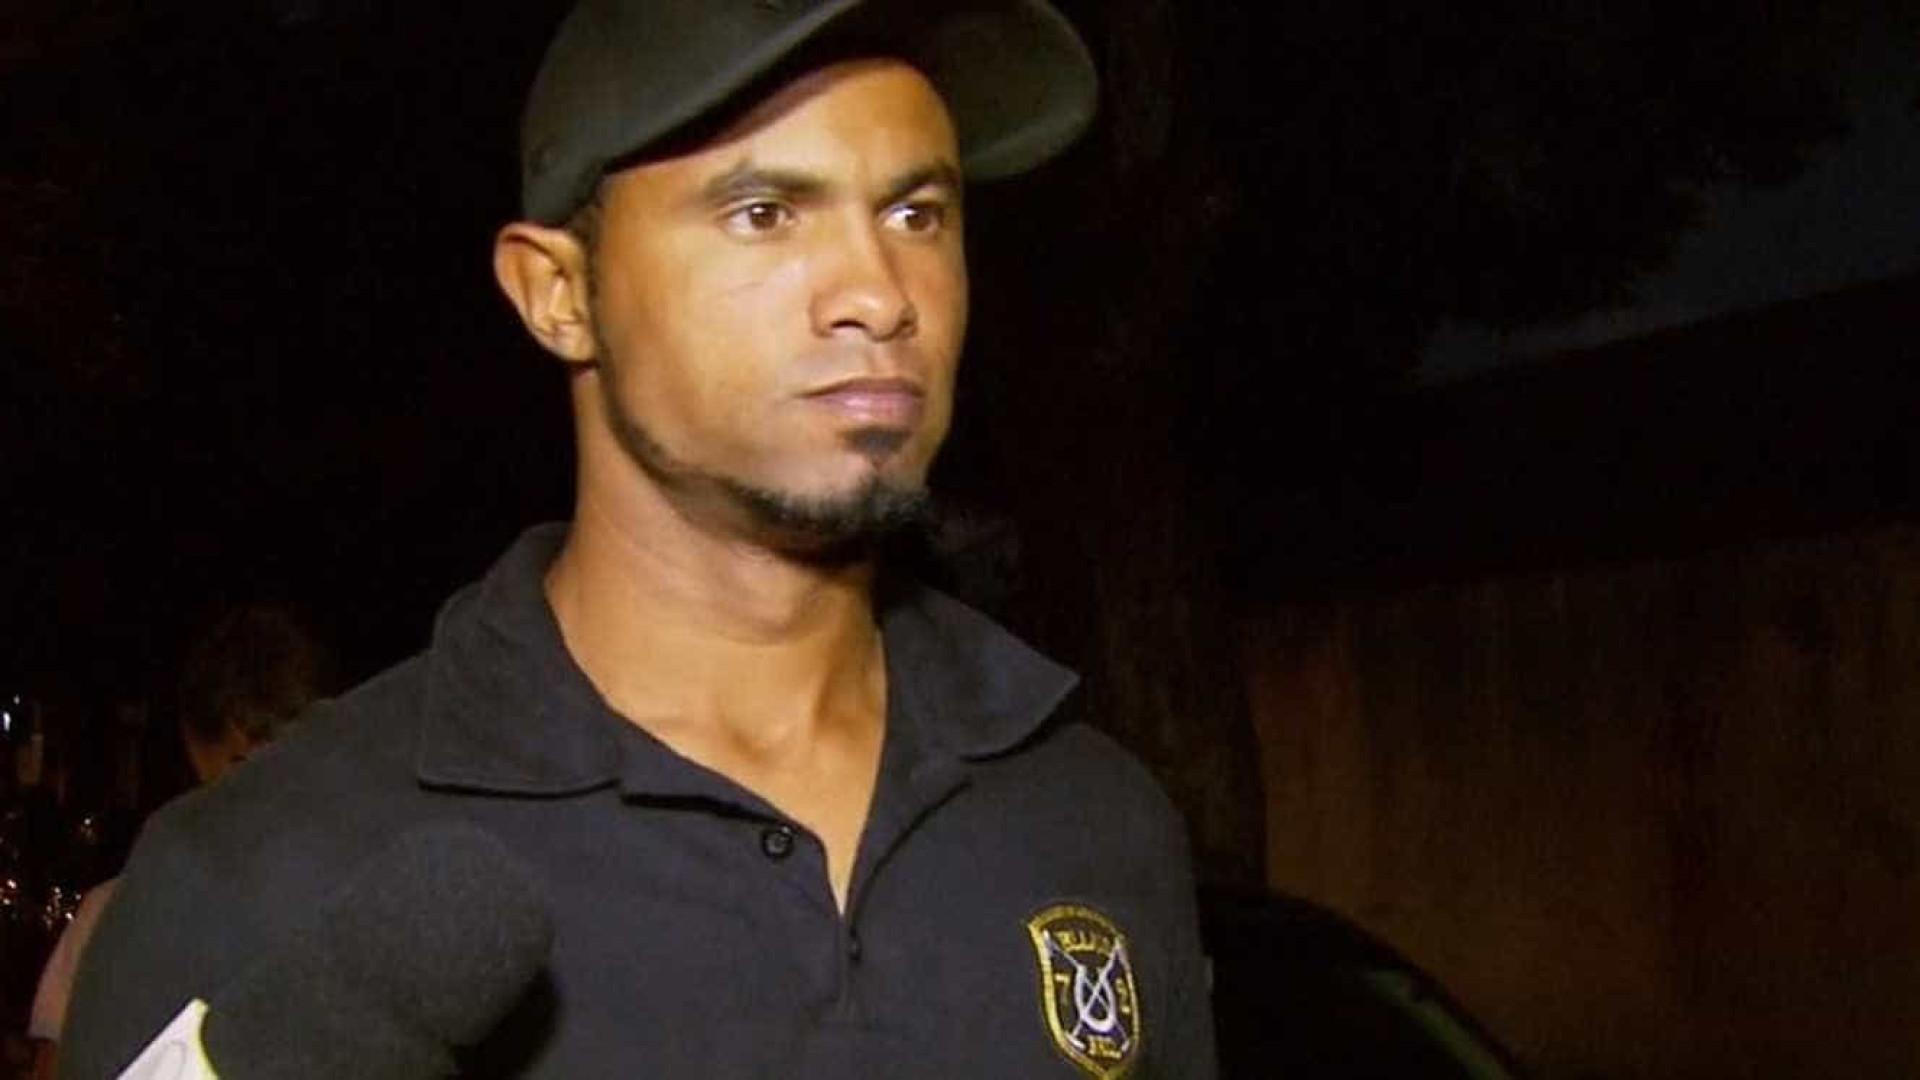 Goleiro Bruno perde benefício após ser visto em bar com mulheres